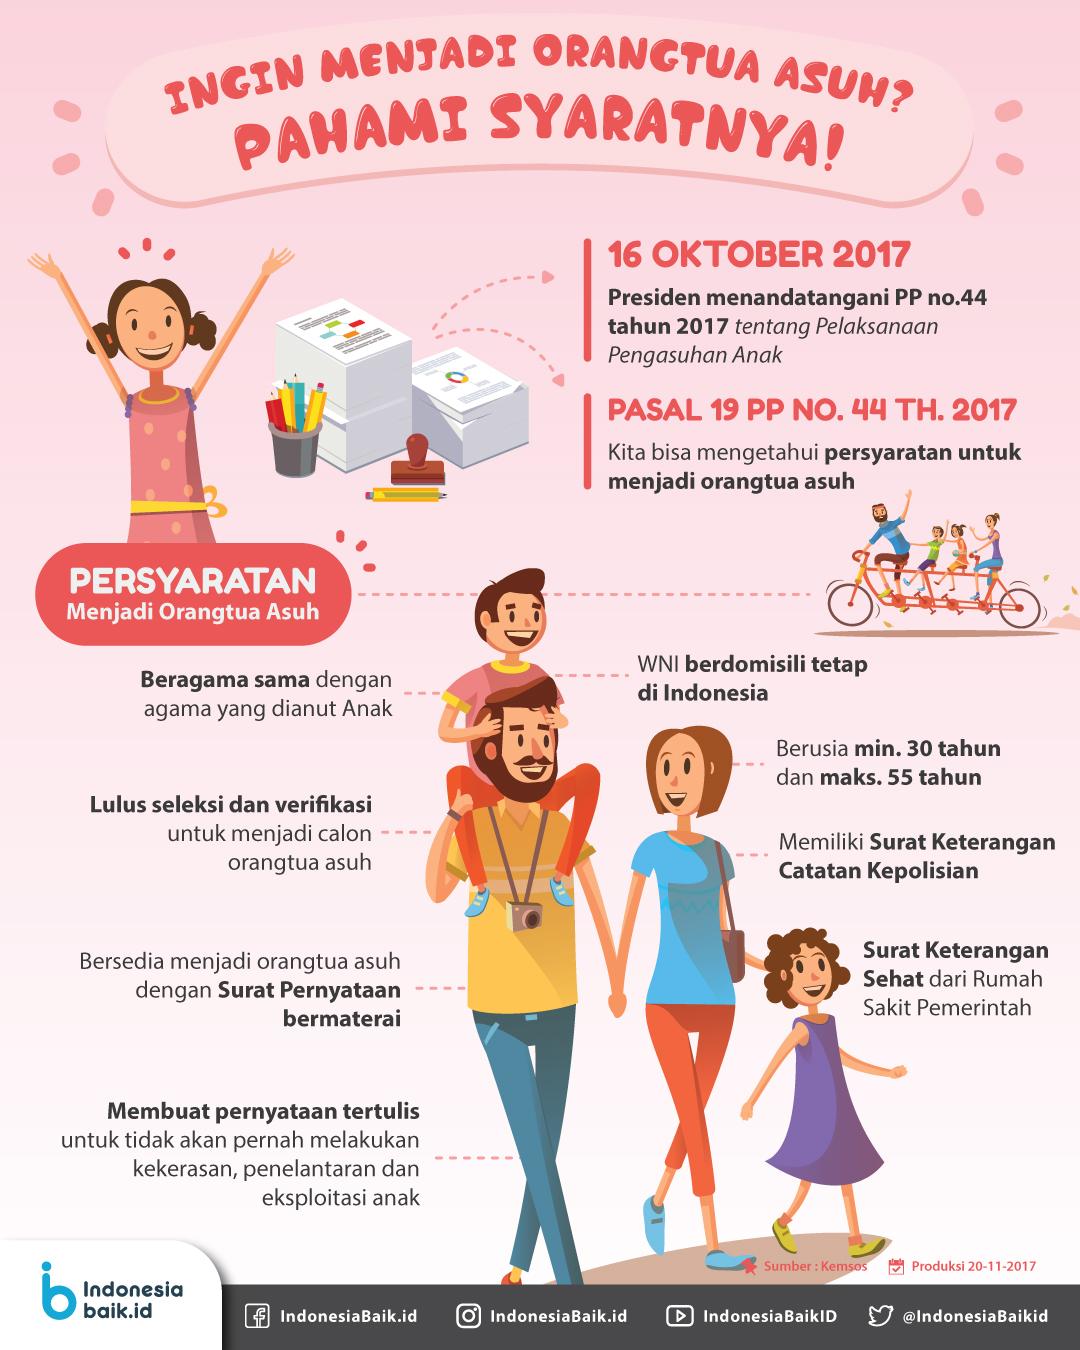 Ingin Menjadi Orangtua Asuh, Pahami Syaratnya